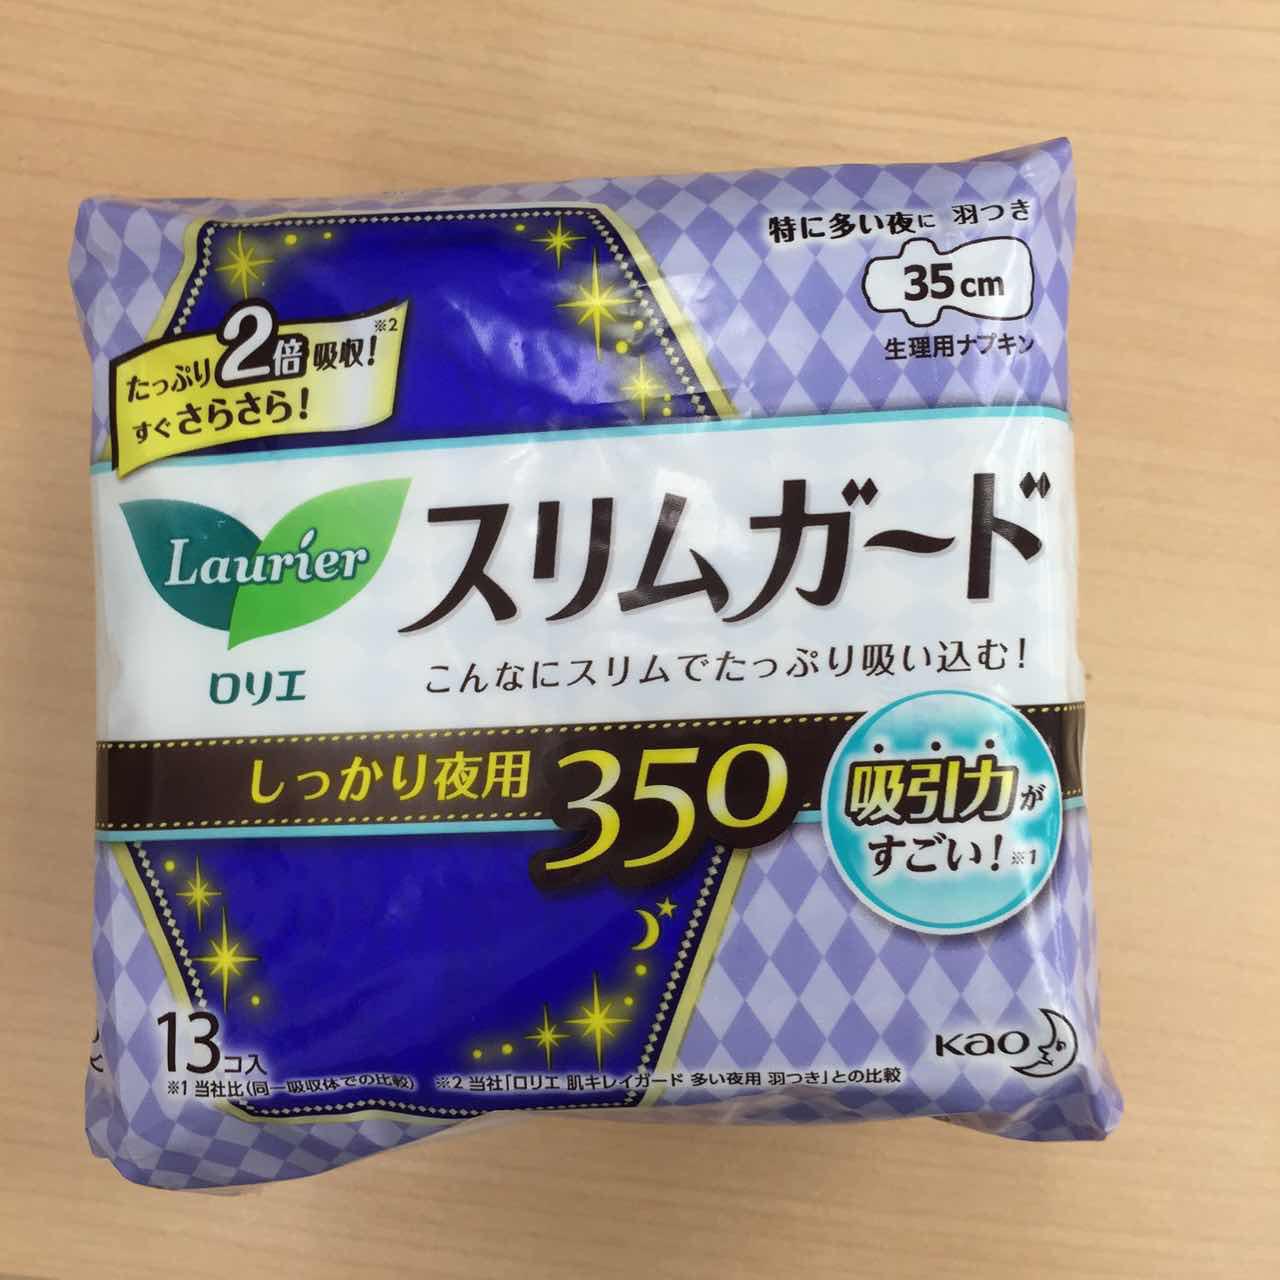 乐而雅 超薄1mm夜用零触感护翼型卫生巾 13片